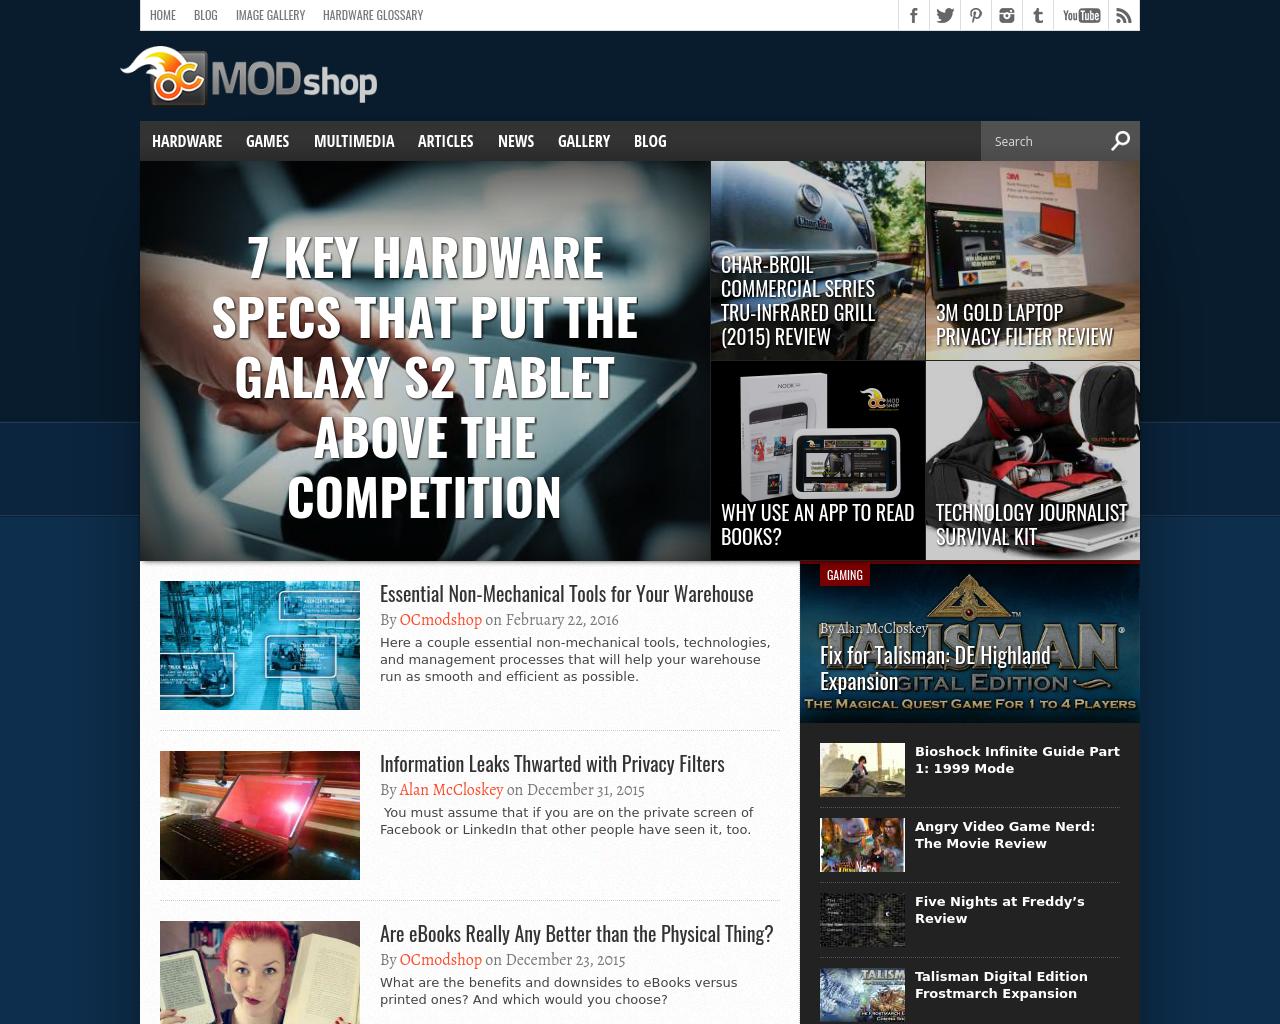 Ocmodshop-Advertising-Reviews-Pricing